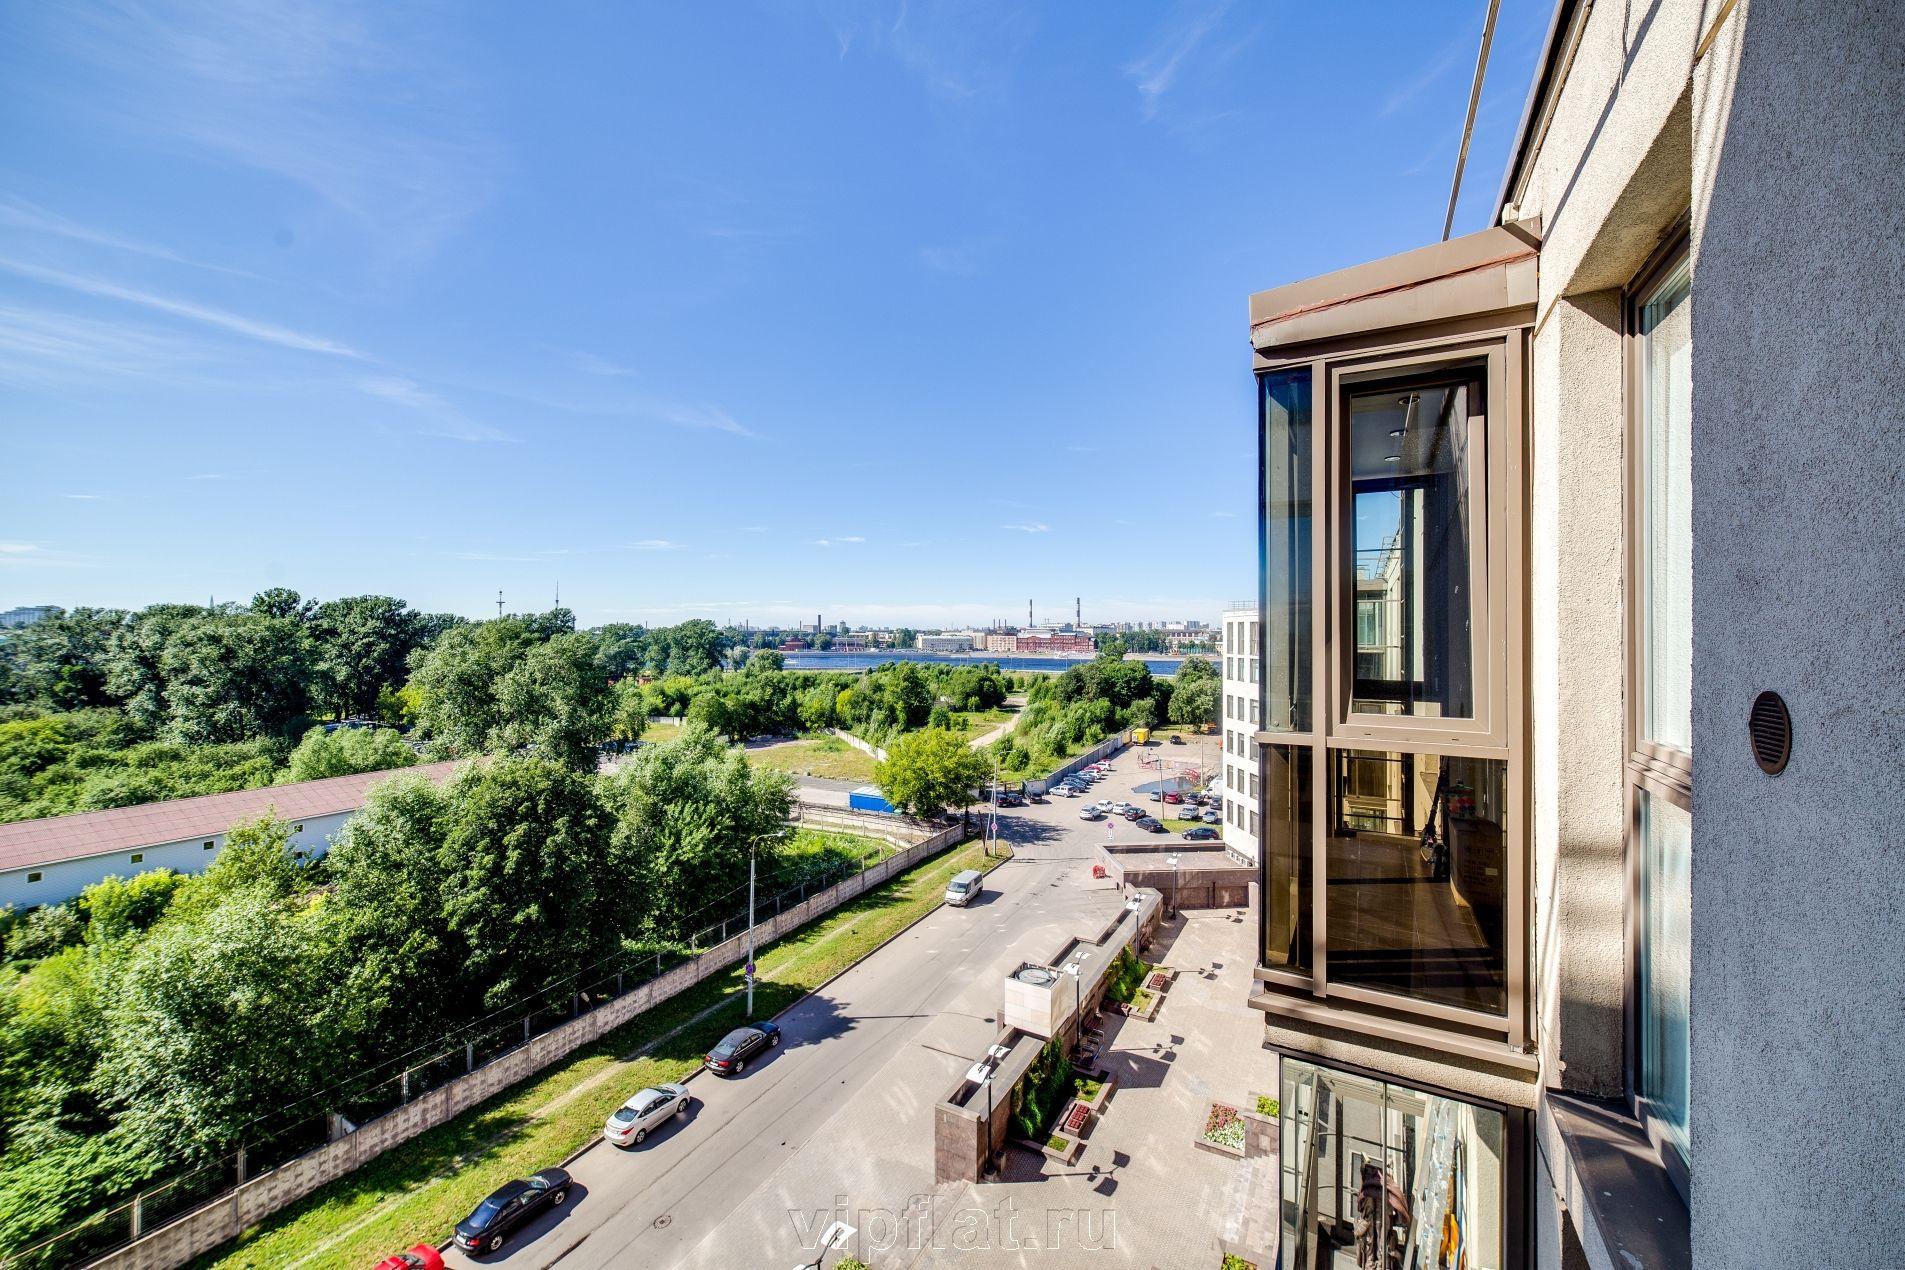 Продажа элитных квартир Санкт-Петербурга. Орловская ул, 1 Вид из окон на Неву